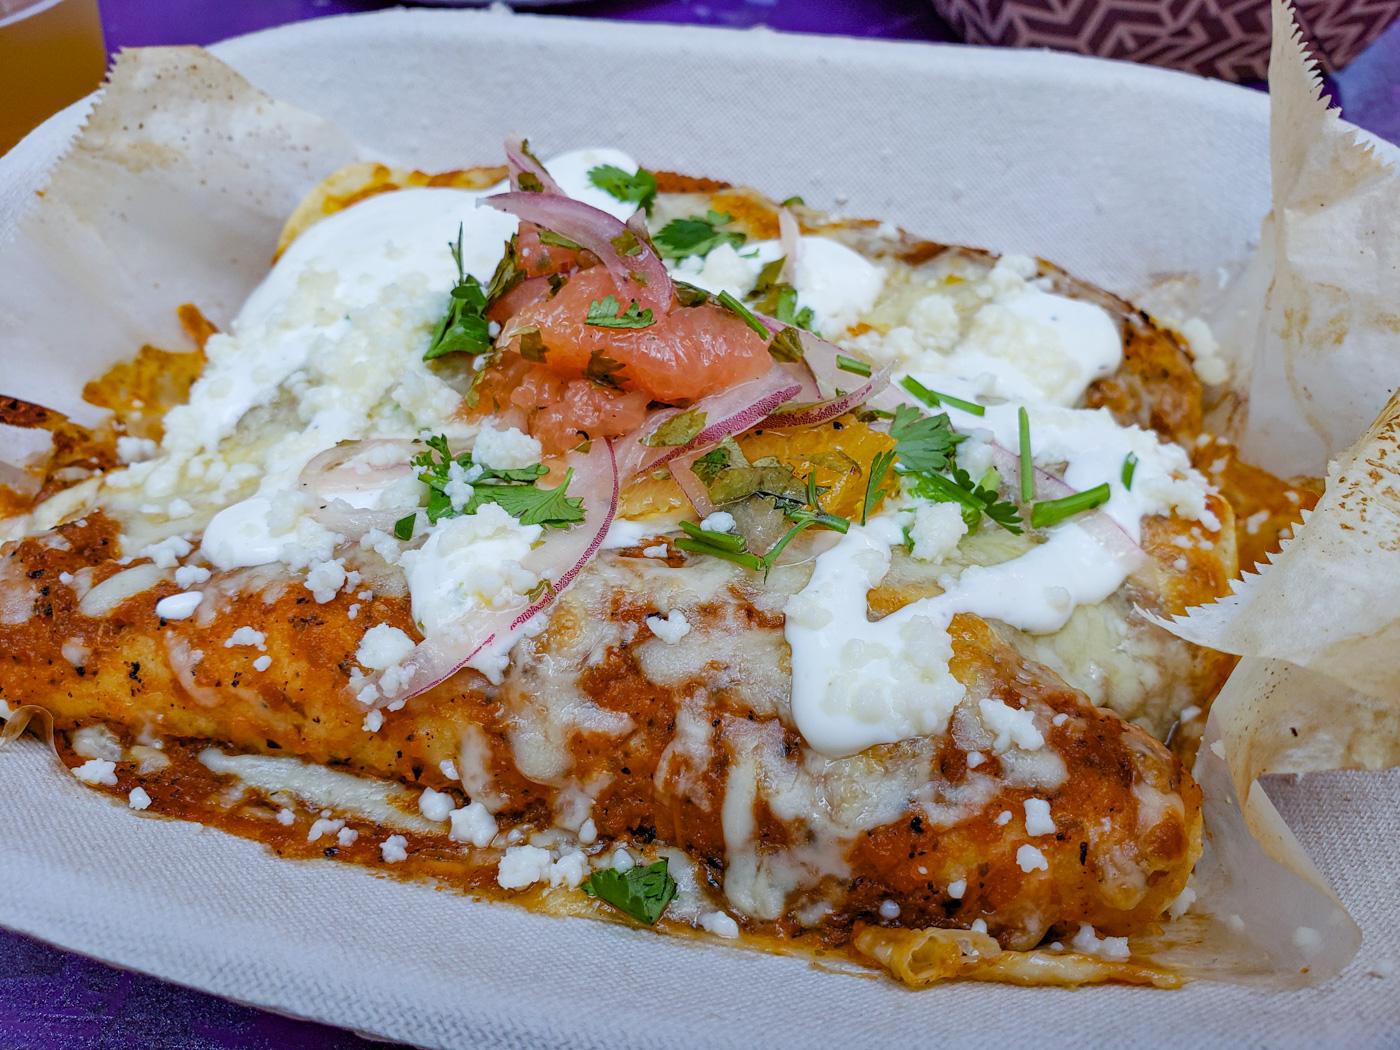 Pollo Pilbil Enchiladas at Tio Flores